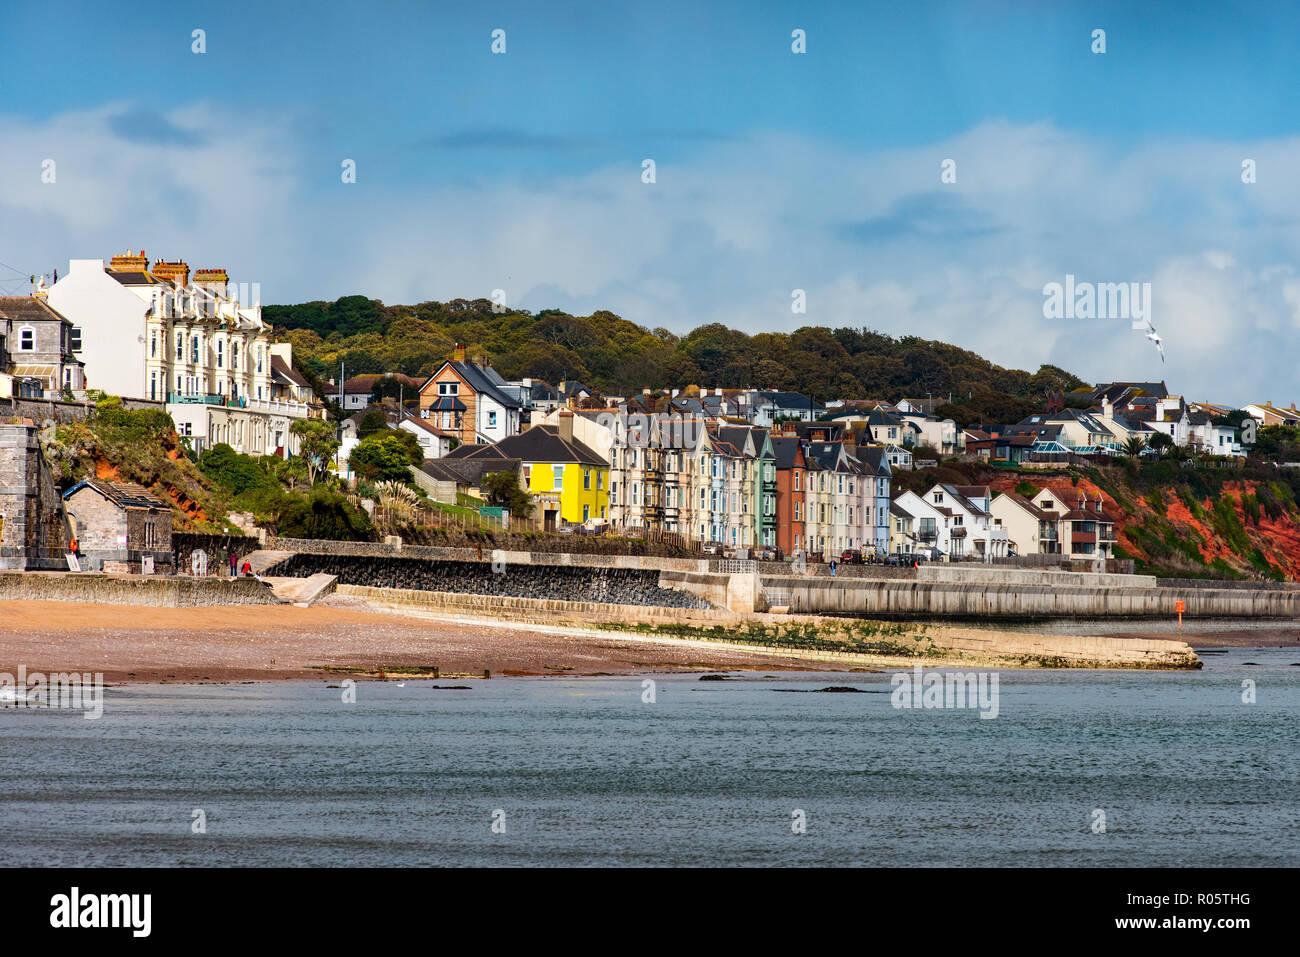 DAWLISH, DEVON, UK - 26OCT2018: Multi coloured Victorian Houses on the seafront at Dawlish. - Stock Image